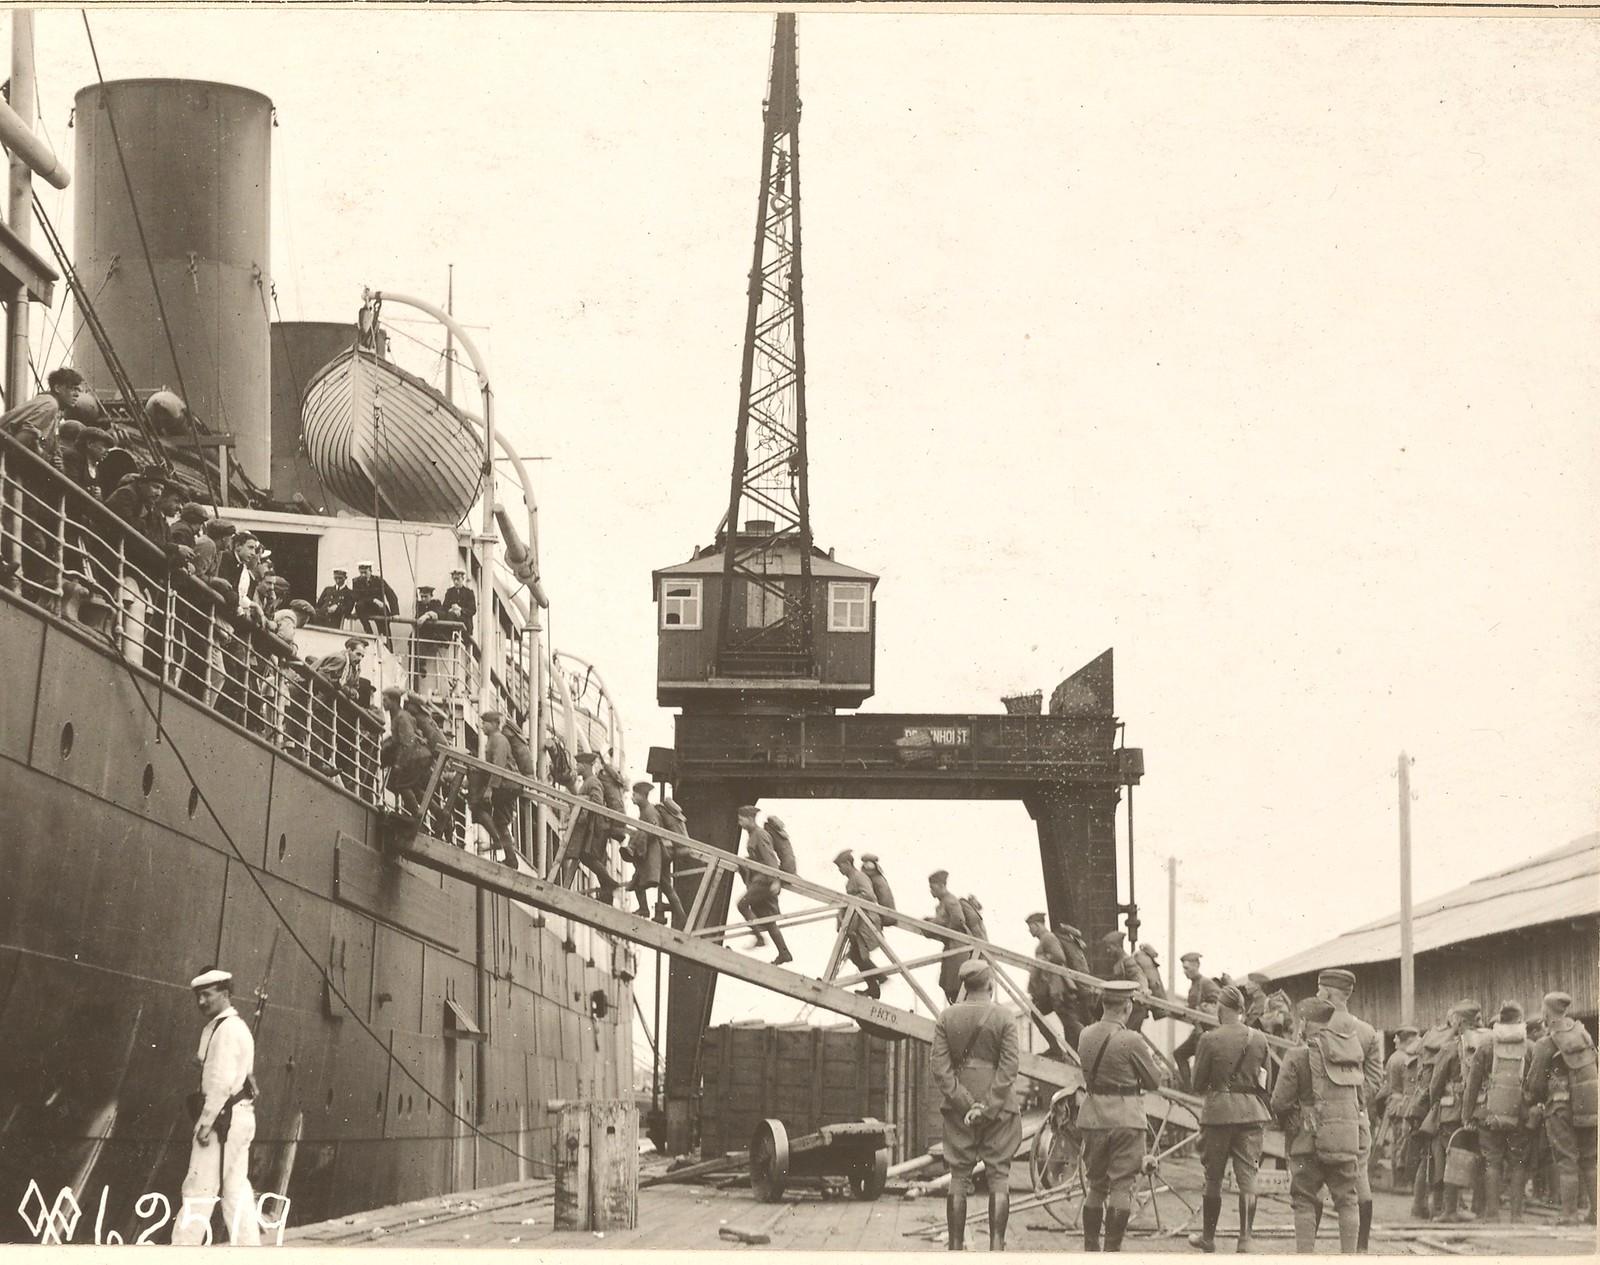 08. Отряд 3-го штаба батальона, посадка на борт британского транспорта Царь в Экономия